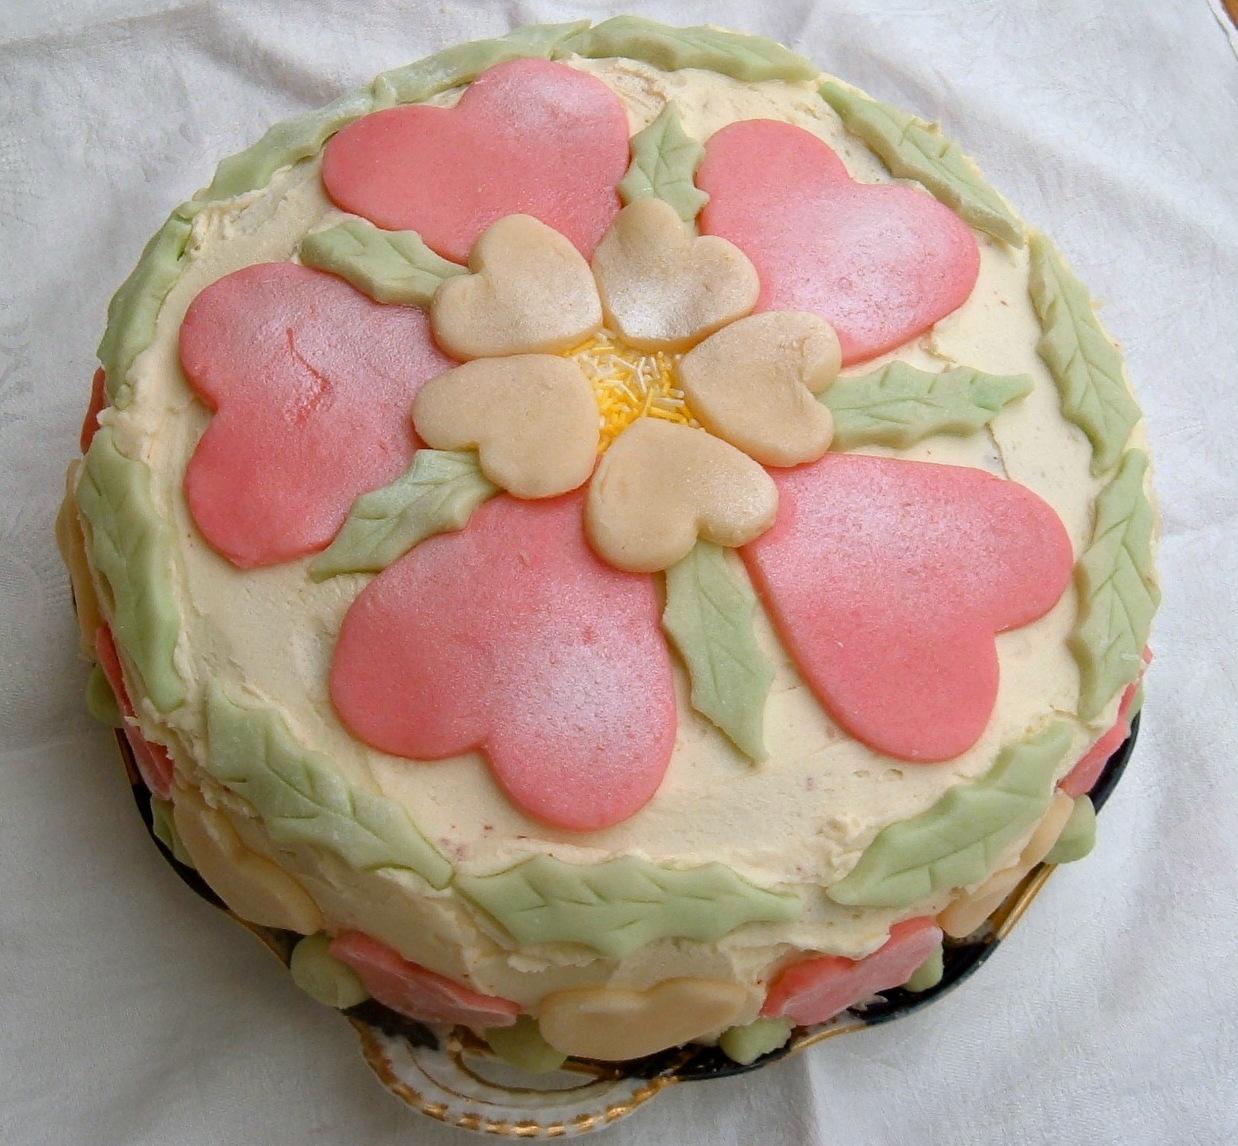 Red Velvet Cake Cambridge Uk